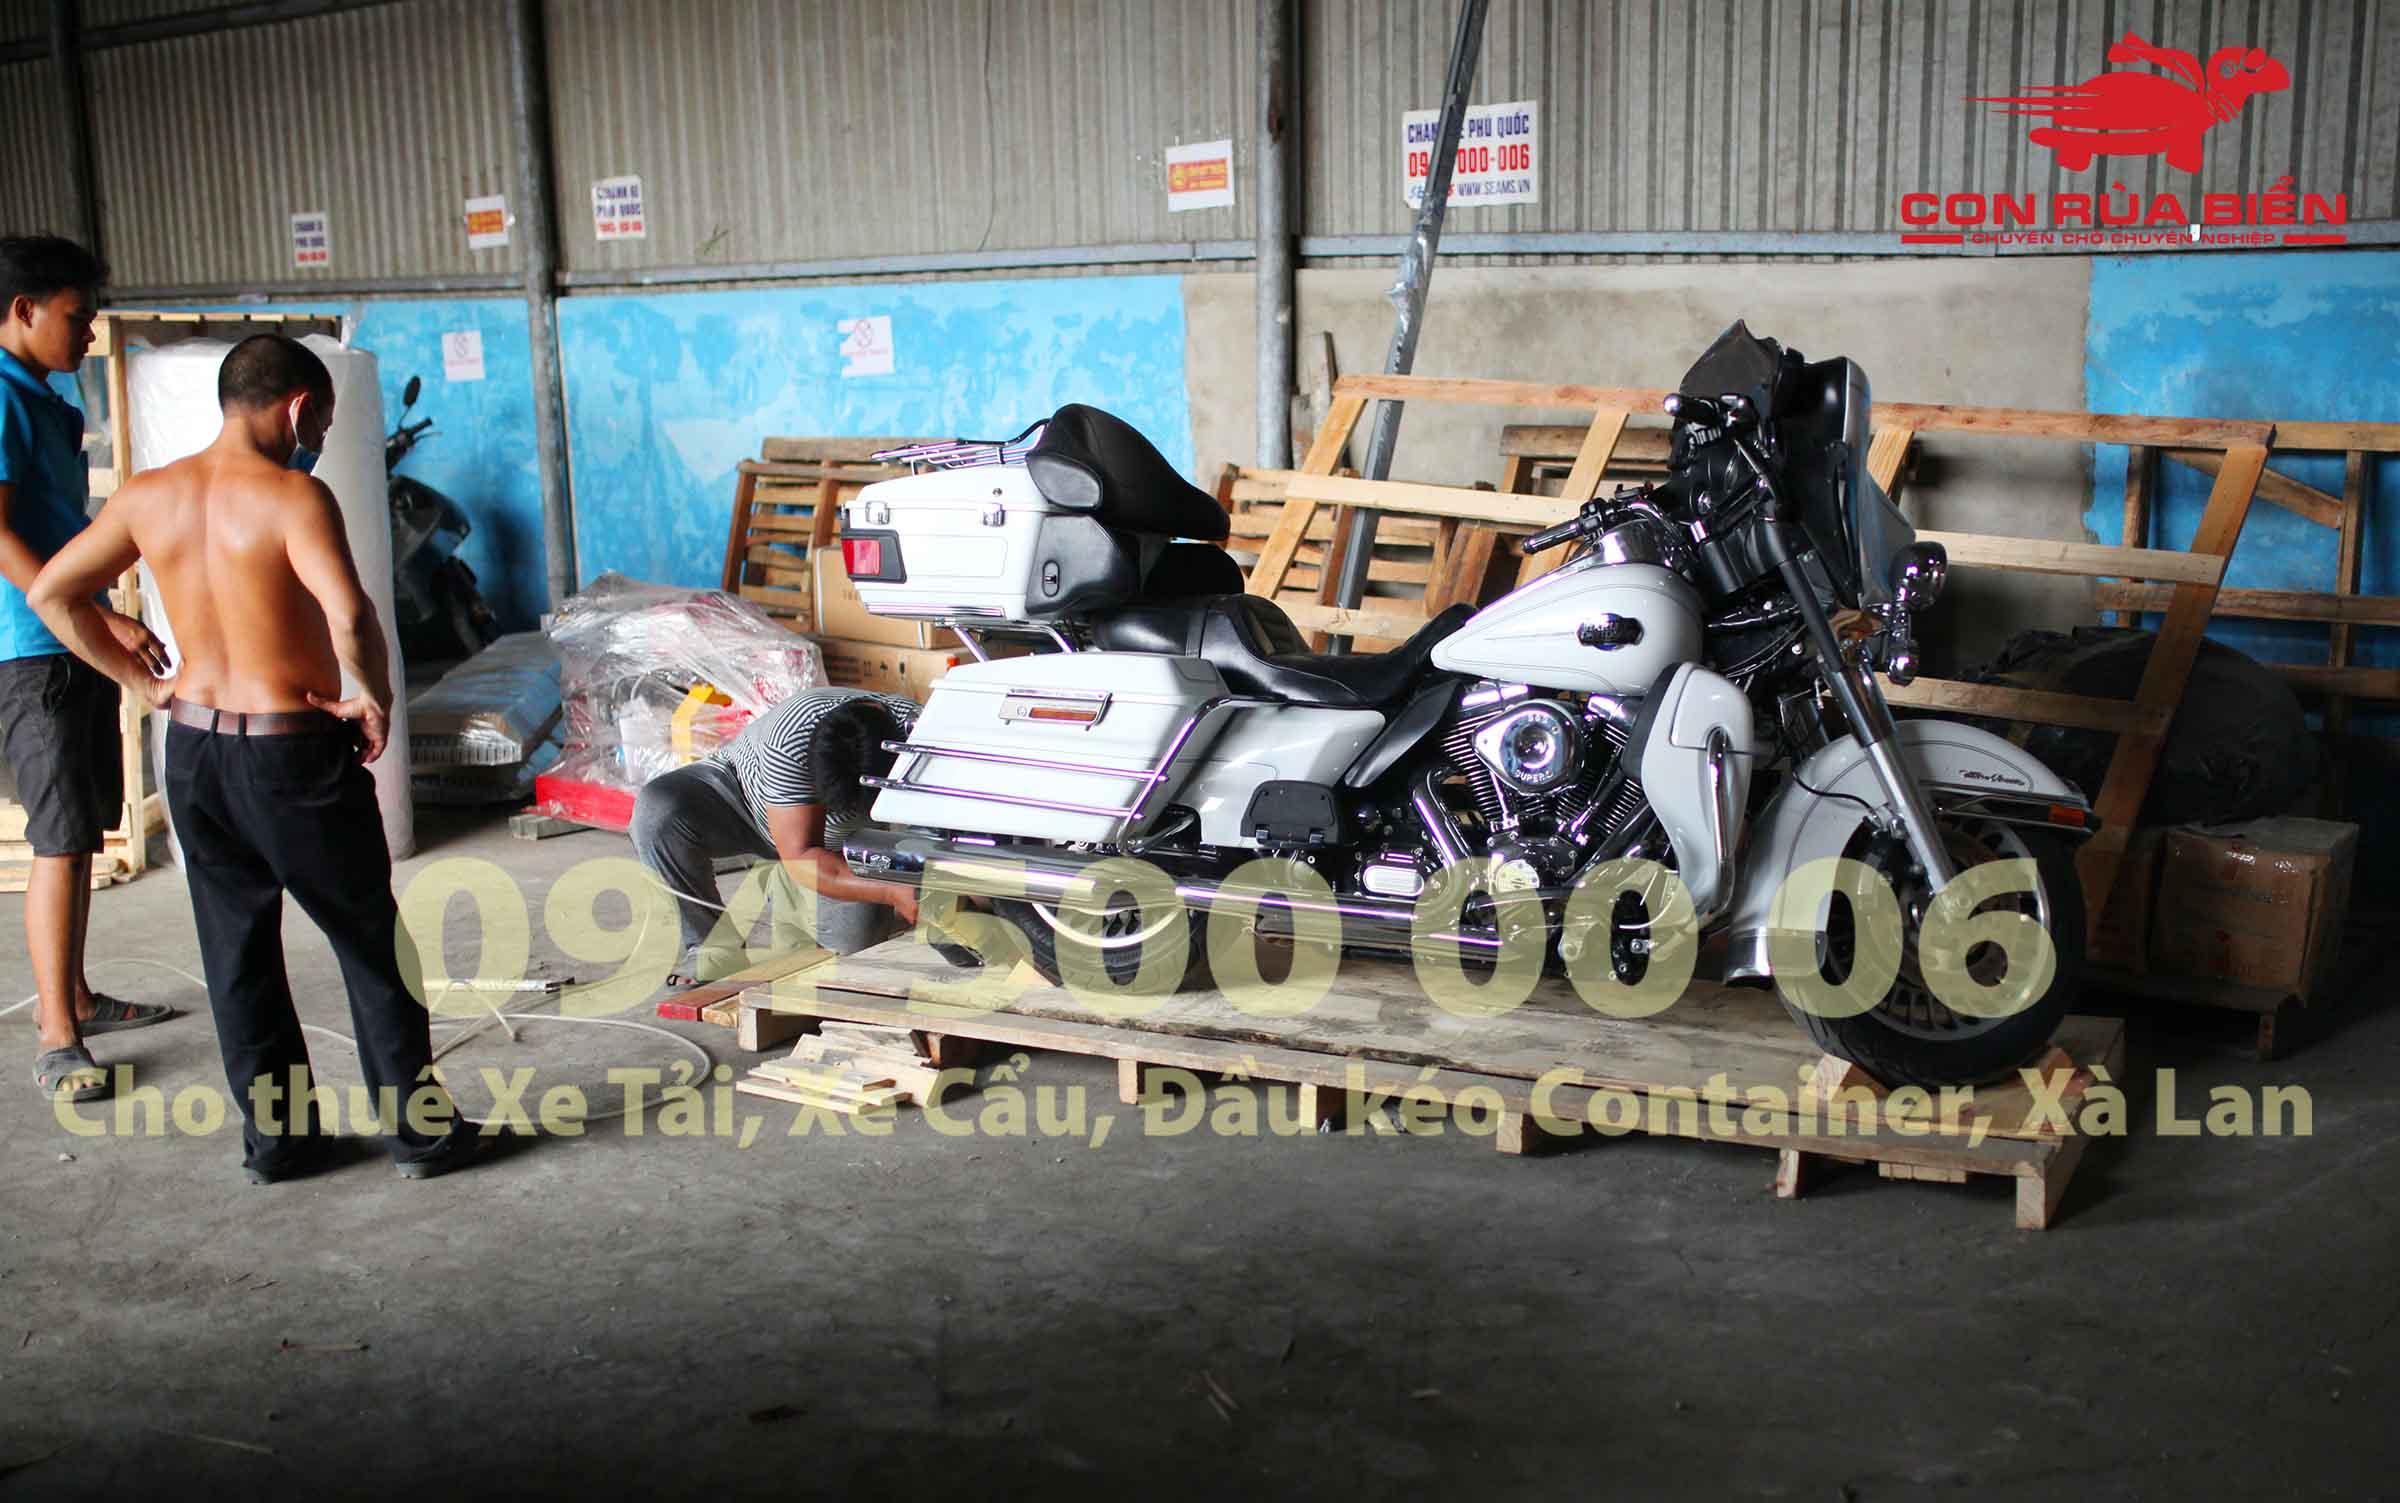 Con Rùa Biển là Chành xe Hà Nội Sài Gòn Phú Quốc chạy chuyên tuyến, lịch xe chạy cố định, nhận vận chuyển hàng hóa nặng cồng kềnh đi Phú Quốc   0945000006